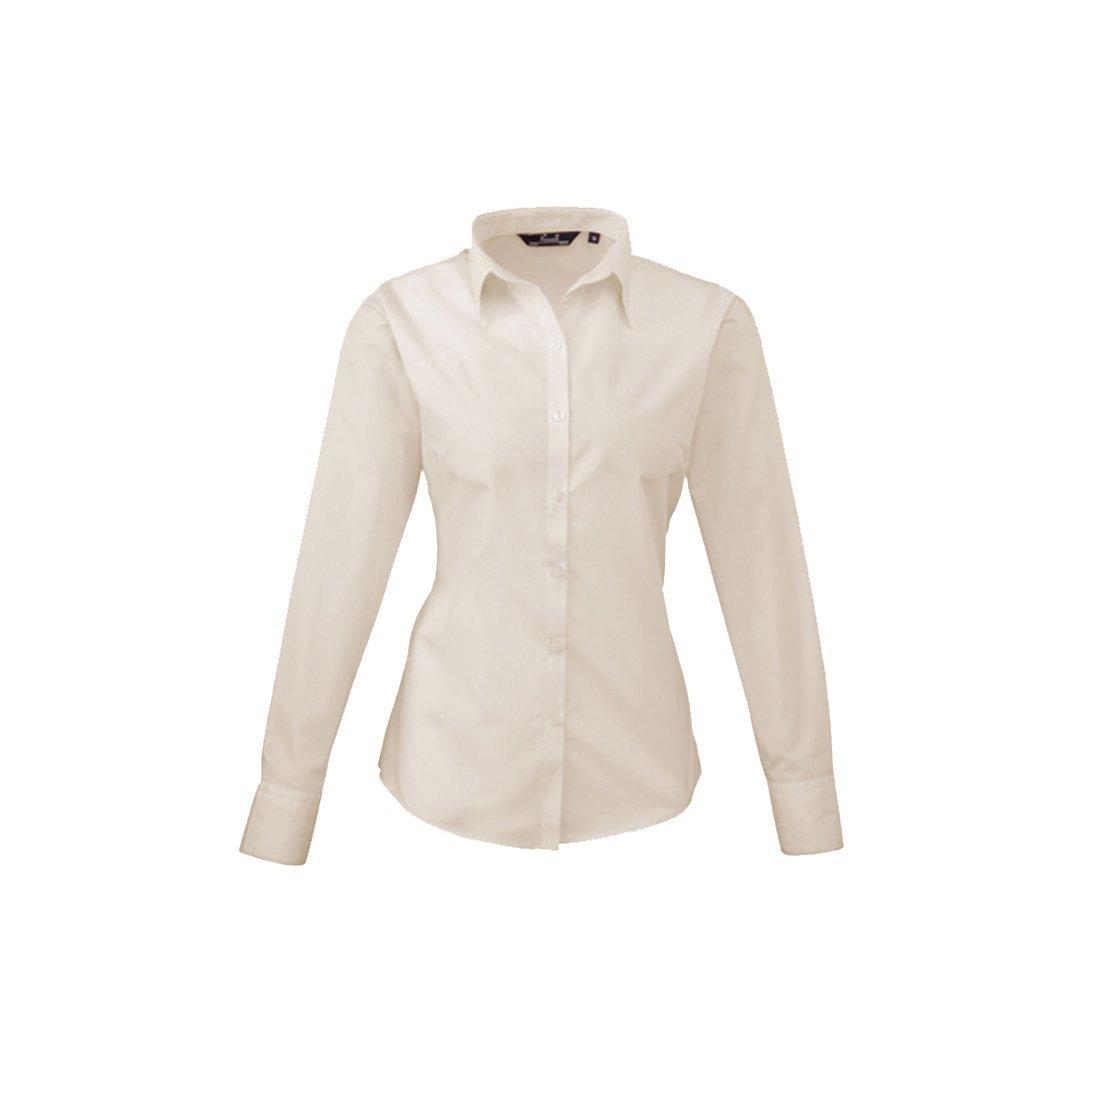 Premier donna popeline manica lunga da donna//camicia da lavoro tinta unita